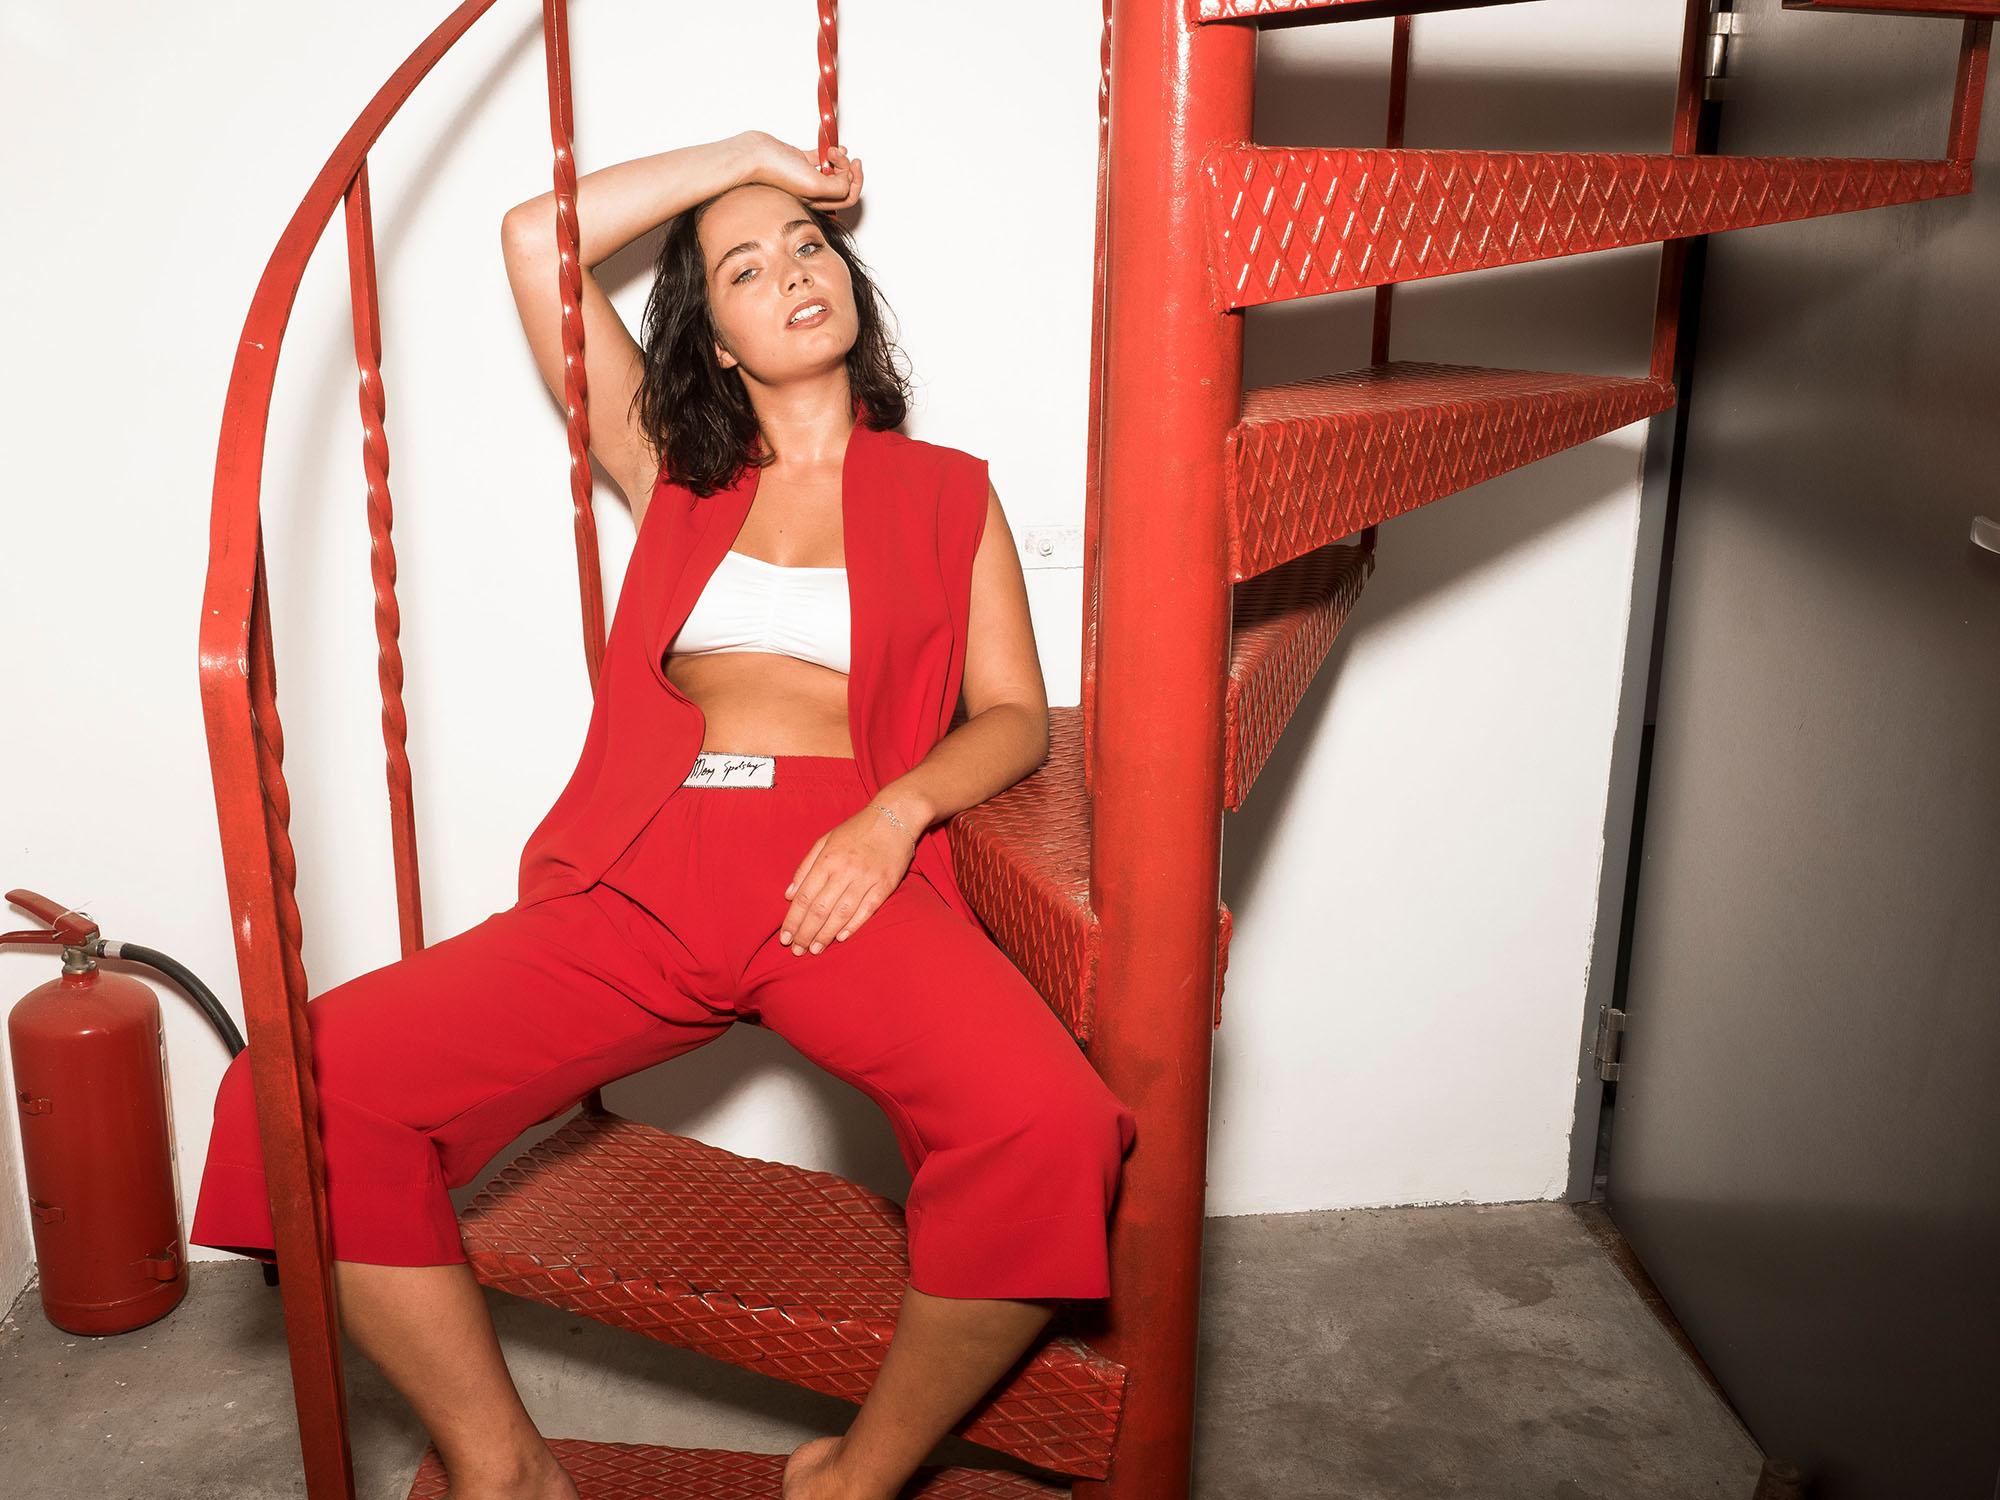 Na bialej scianie stoja czerwone schody a obok nich po lewej stronie stoi czerwona gasnica na schodach ciedzi mloda kobieta brunetka ubrana w bialy top czerwona kamizelke i czerwone spodnie